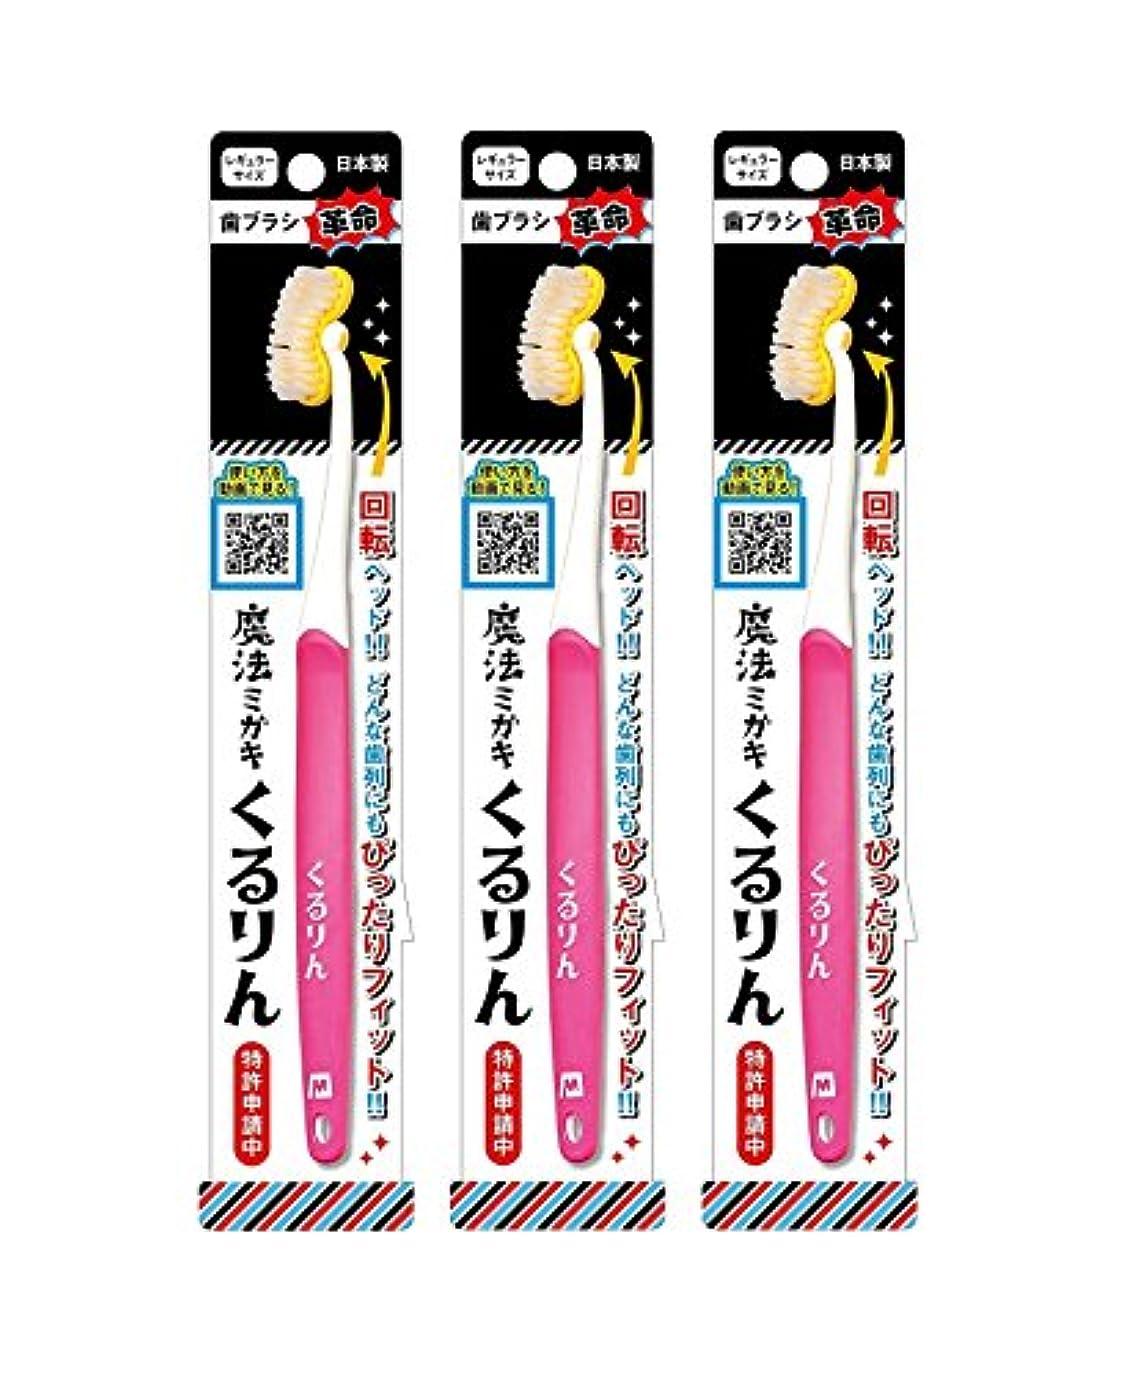 腫瘍差別的バーベキュー歯ブラシ革命 魔法ミガキくるりん MM-150 ピンク 3本セット